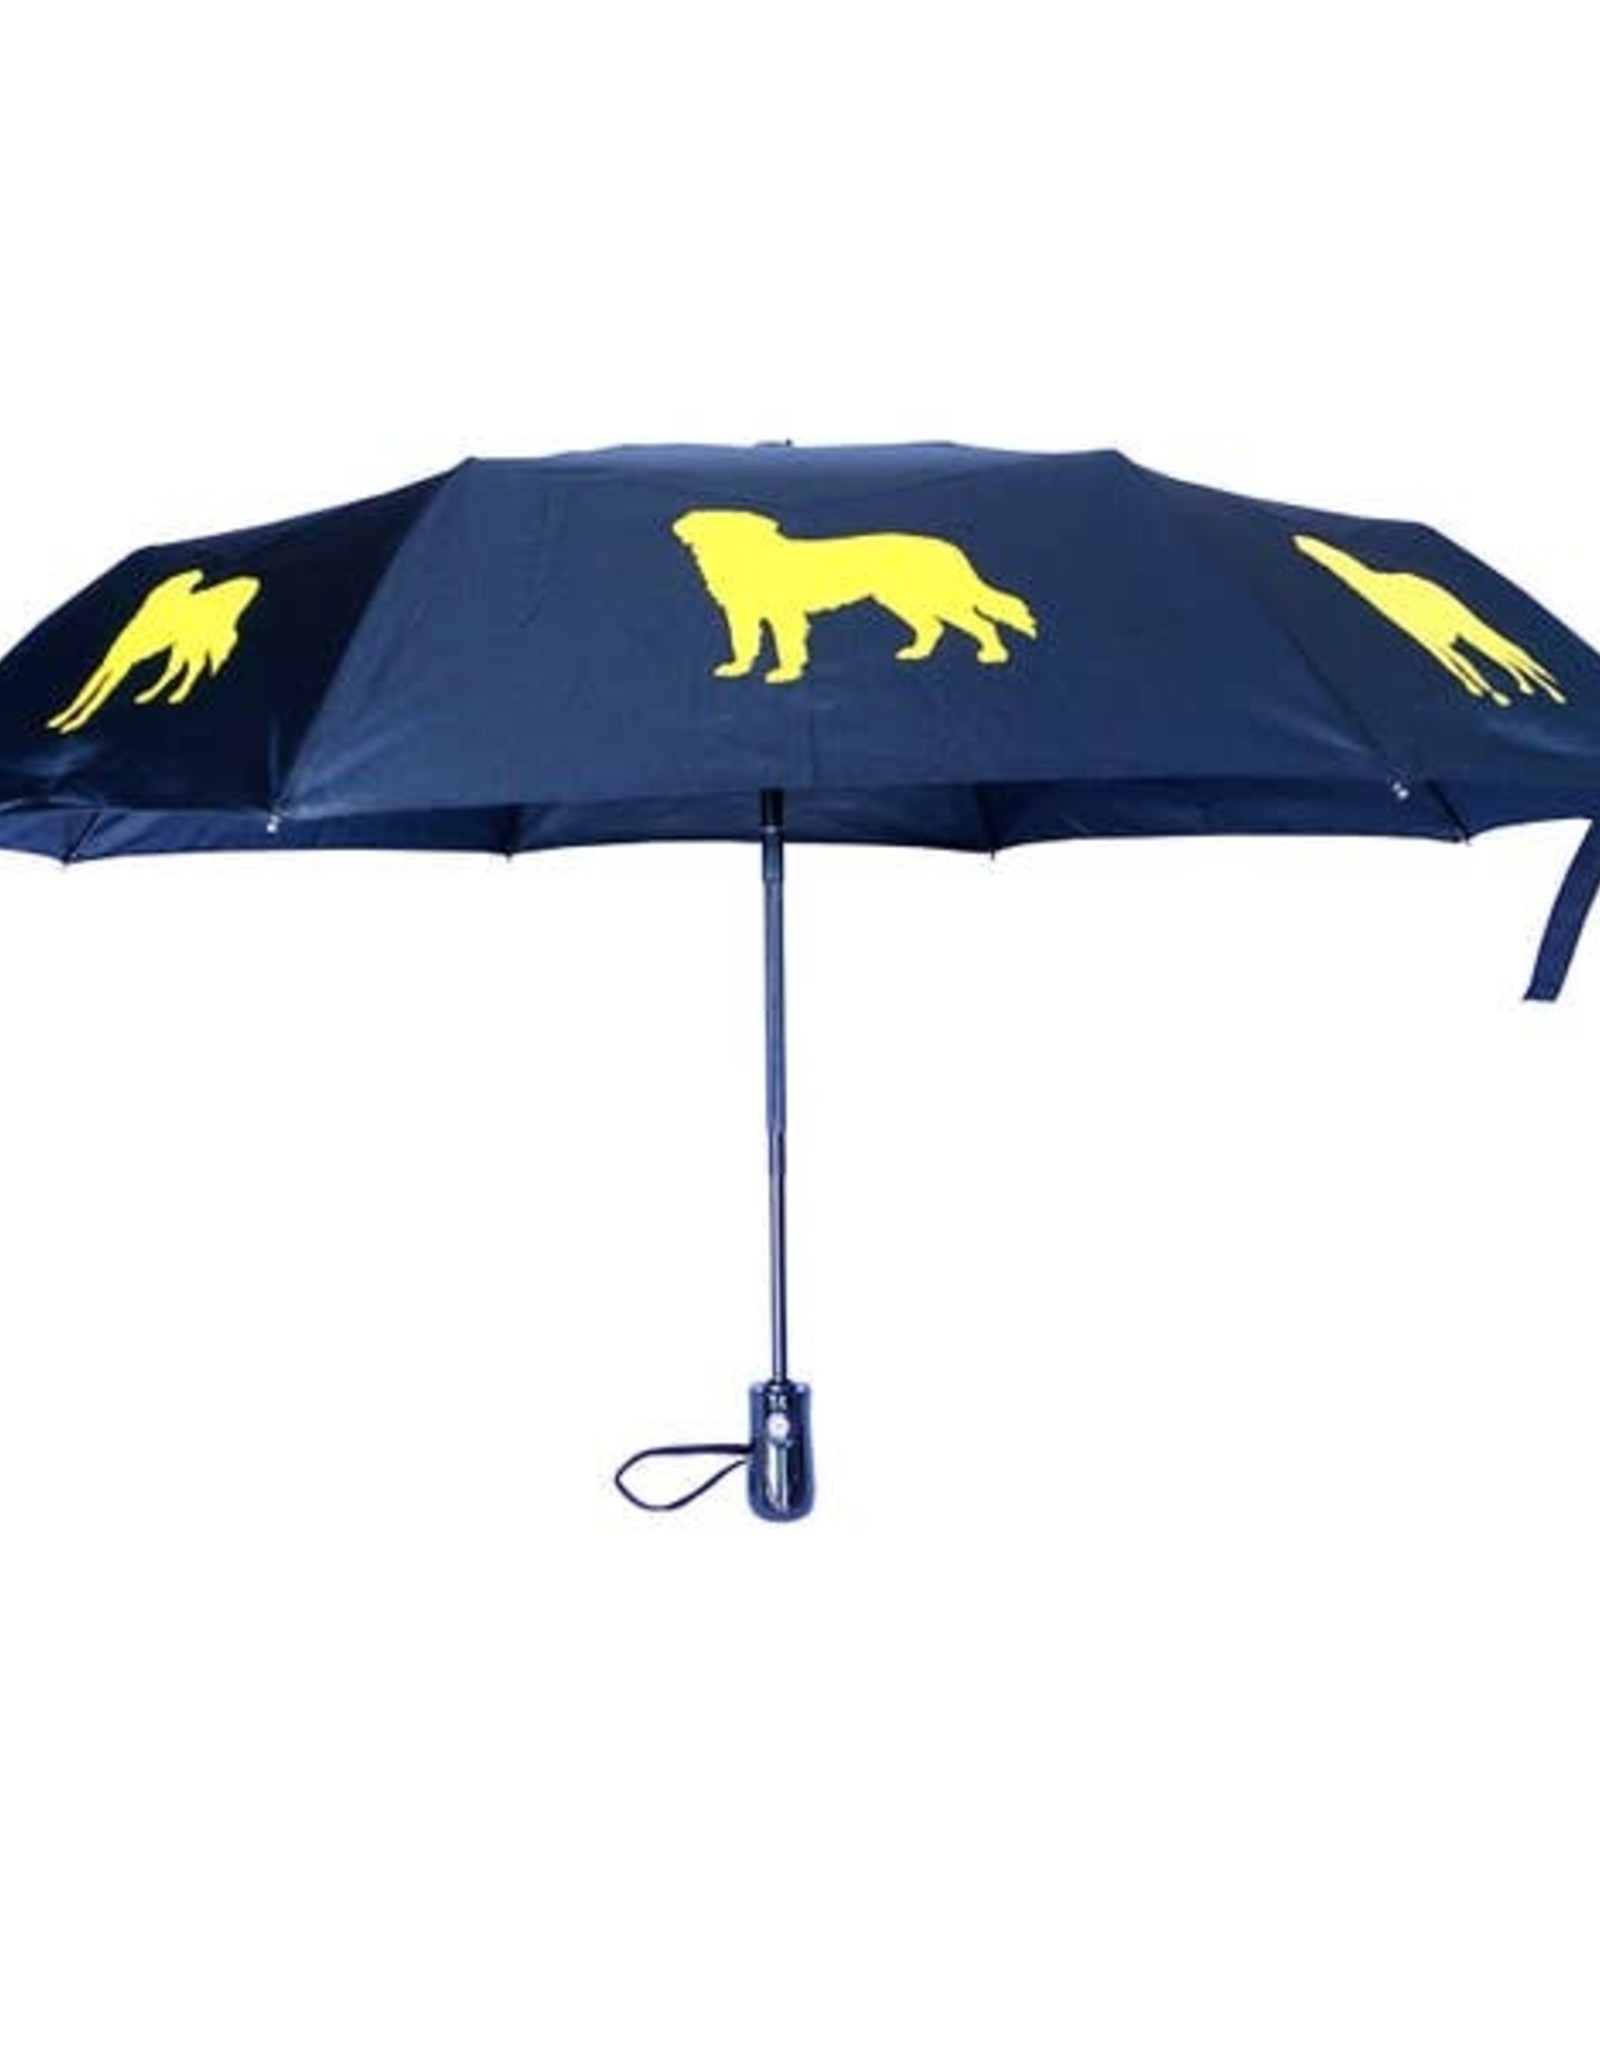 San Francisco Umbrella Company SFUC Collapsible Umbrella with Auto Open Golden Retriever